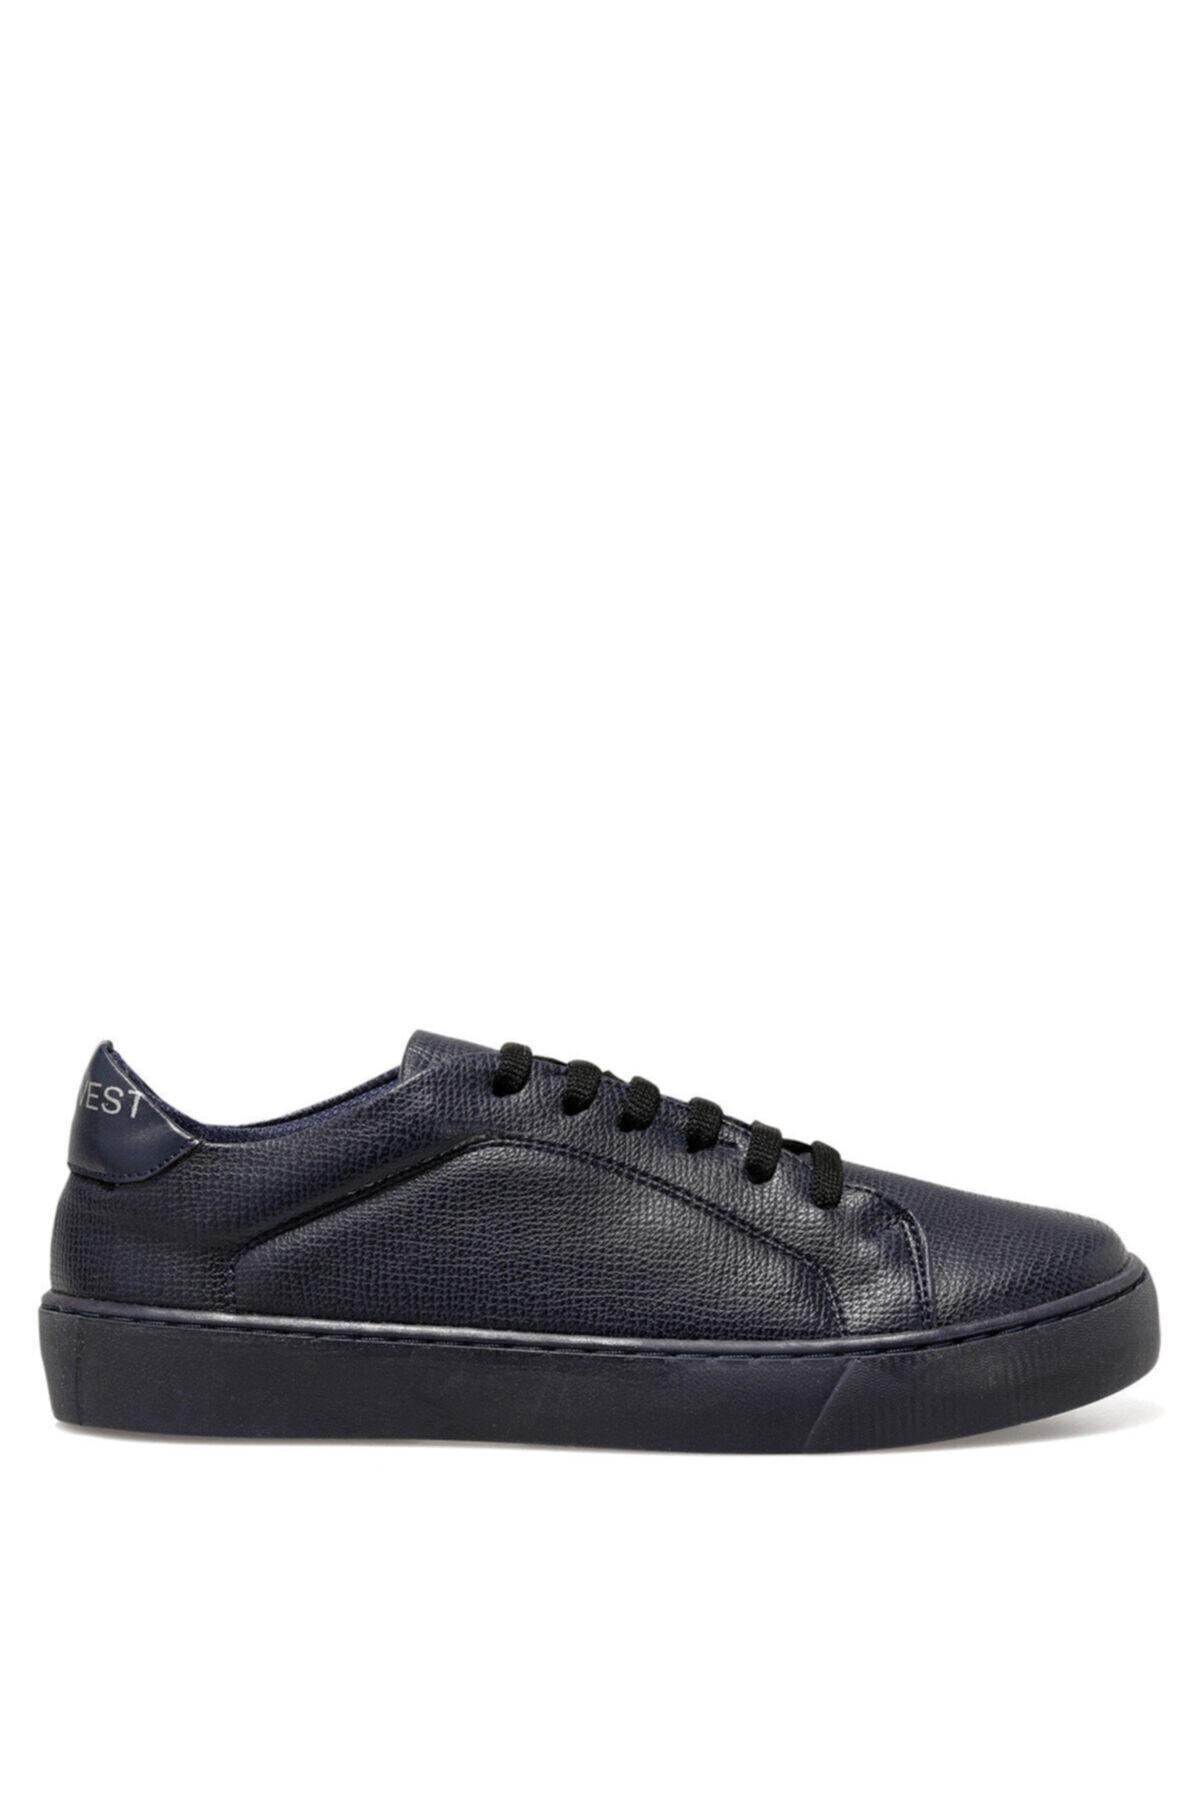 Nine West BARGEL Lacivert Kadın Sneaker 100567687 1